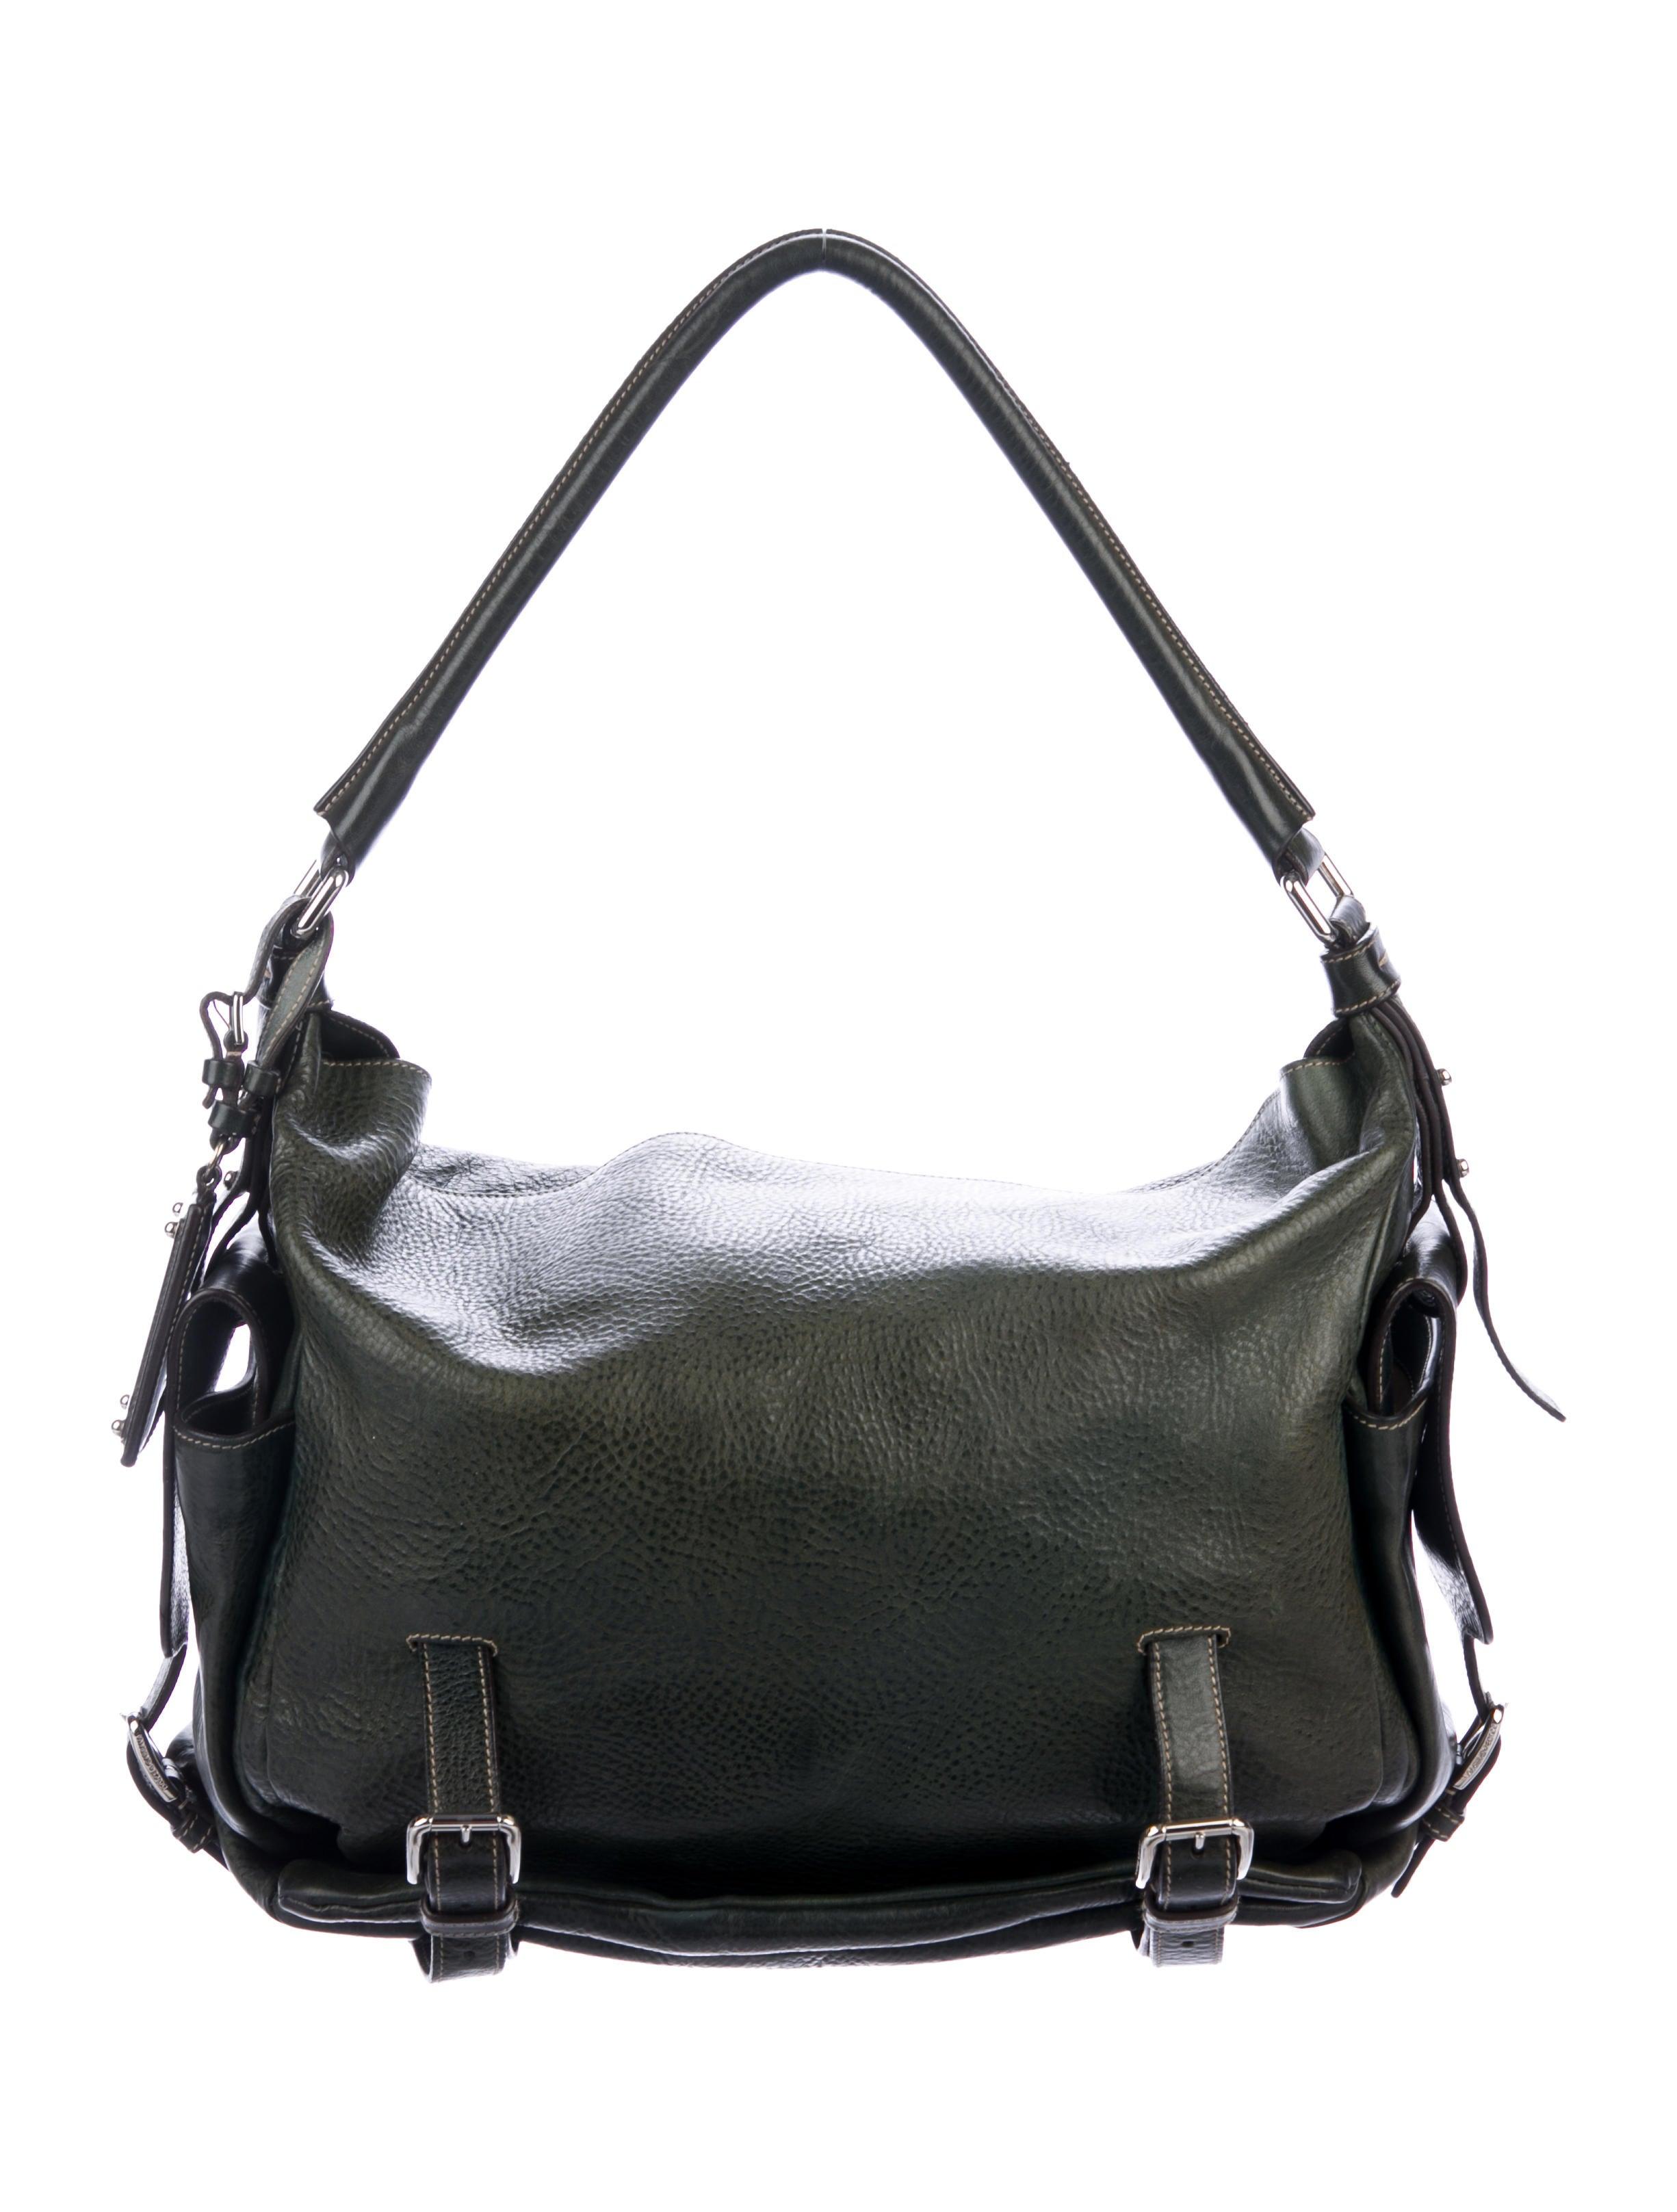 753d0a9549 Dolce   Gabbana Miss Forever Bag - Handbags - DAG108817